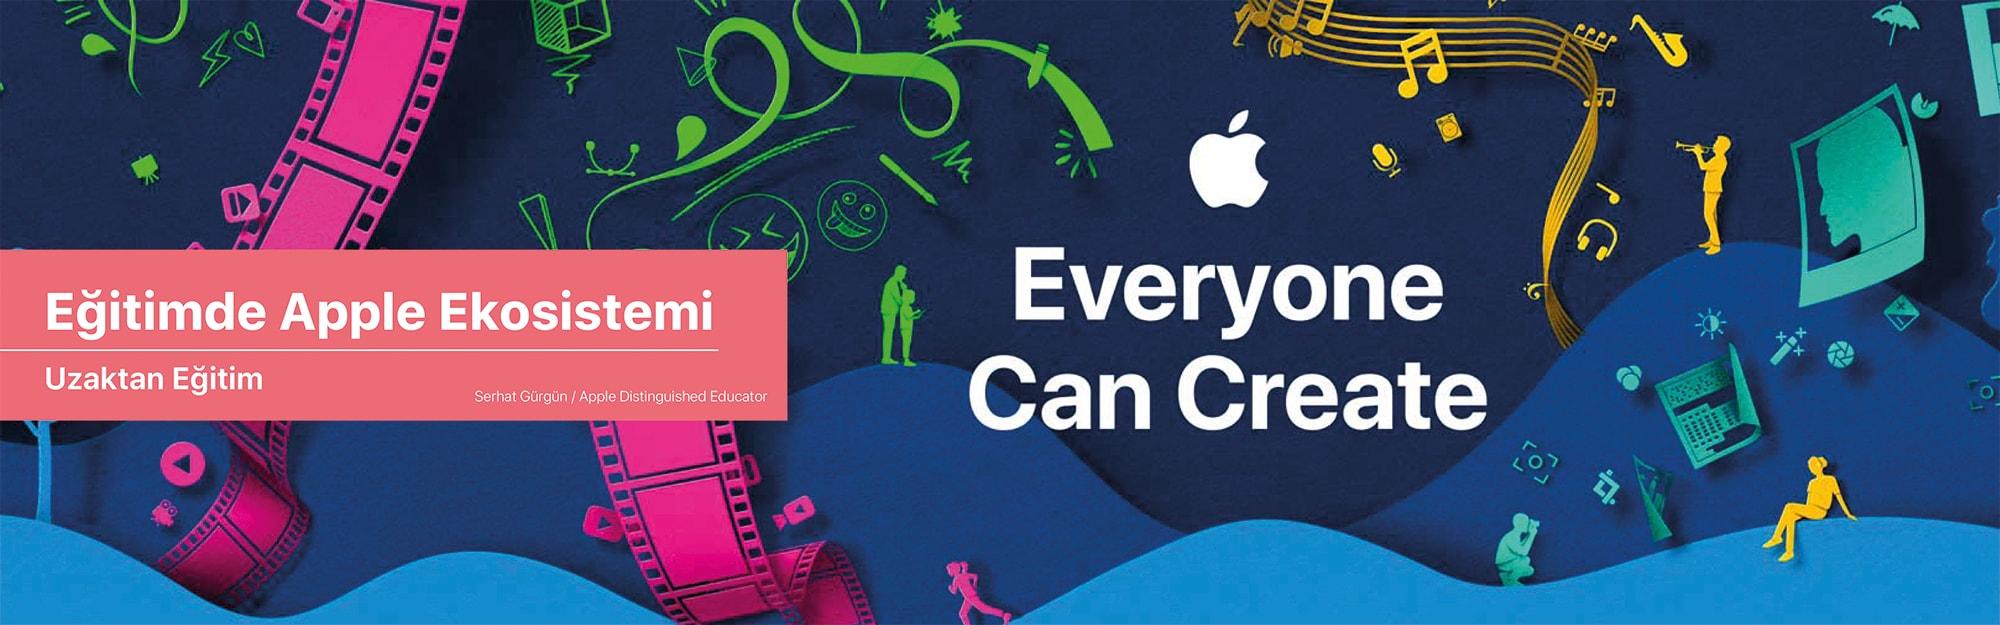 Eğitimde Apple Ekosistemi - Uzaktan Eğitim